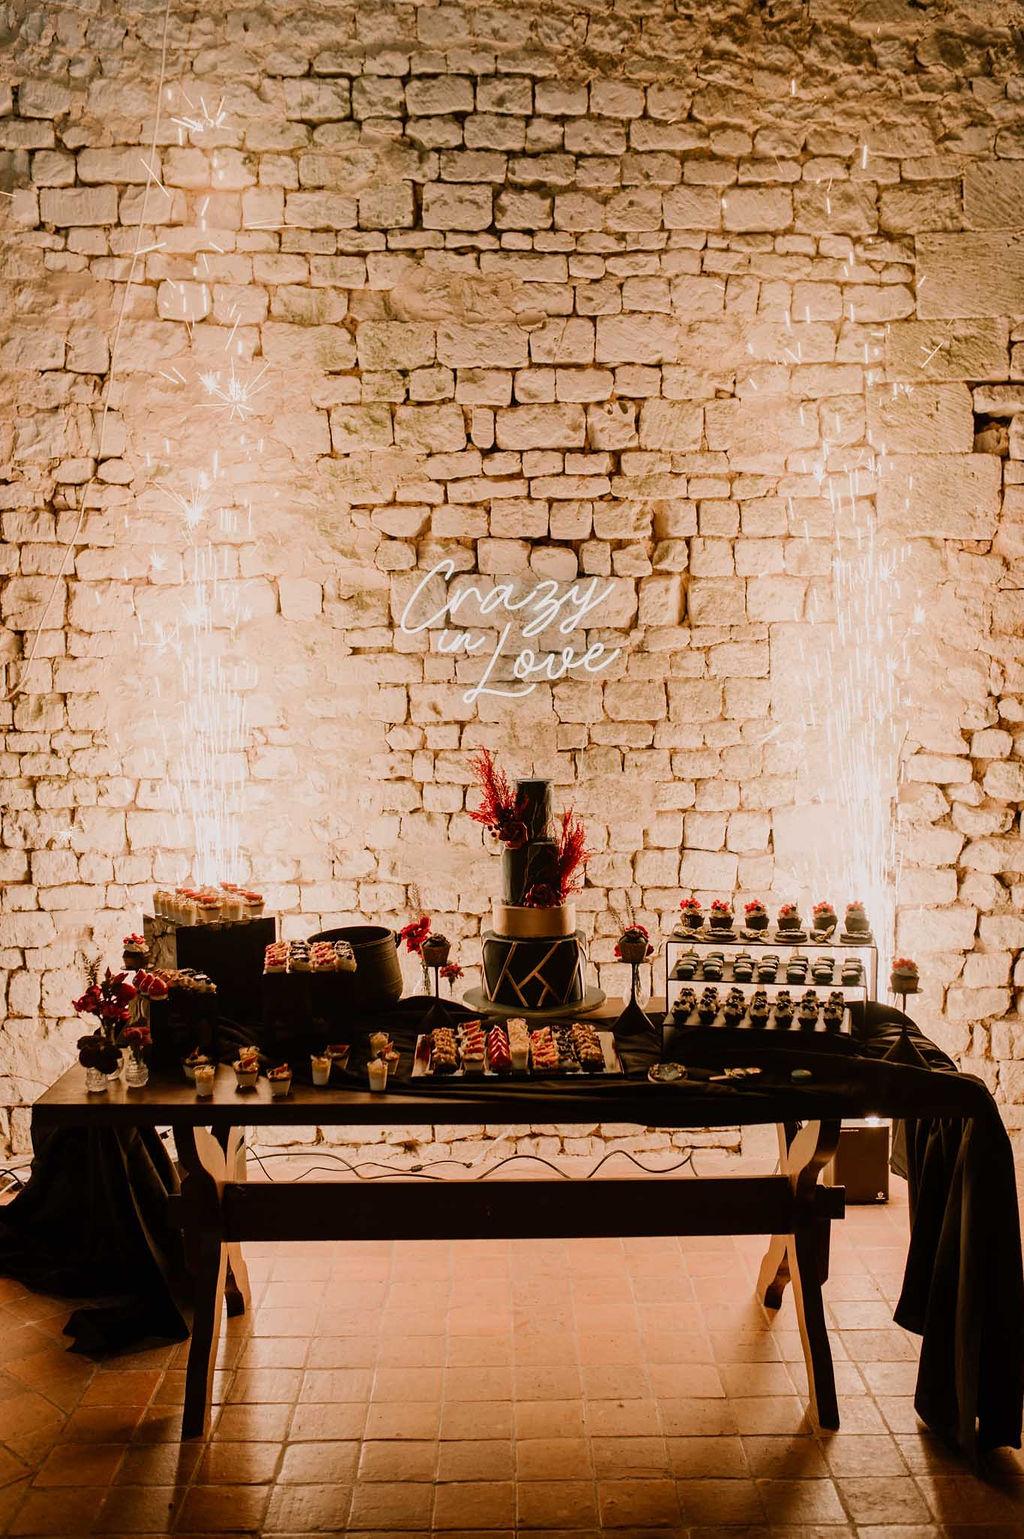 buffet de desserts / douceurs / wedding cake - CREDIT PHOTO : Anne Letournel